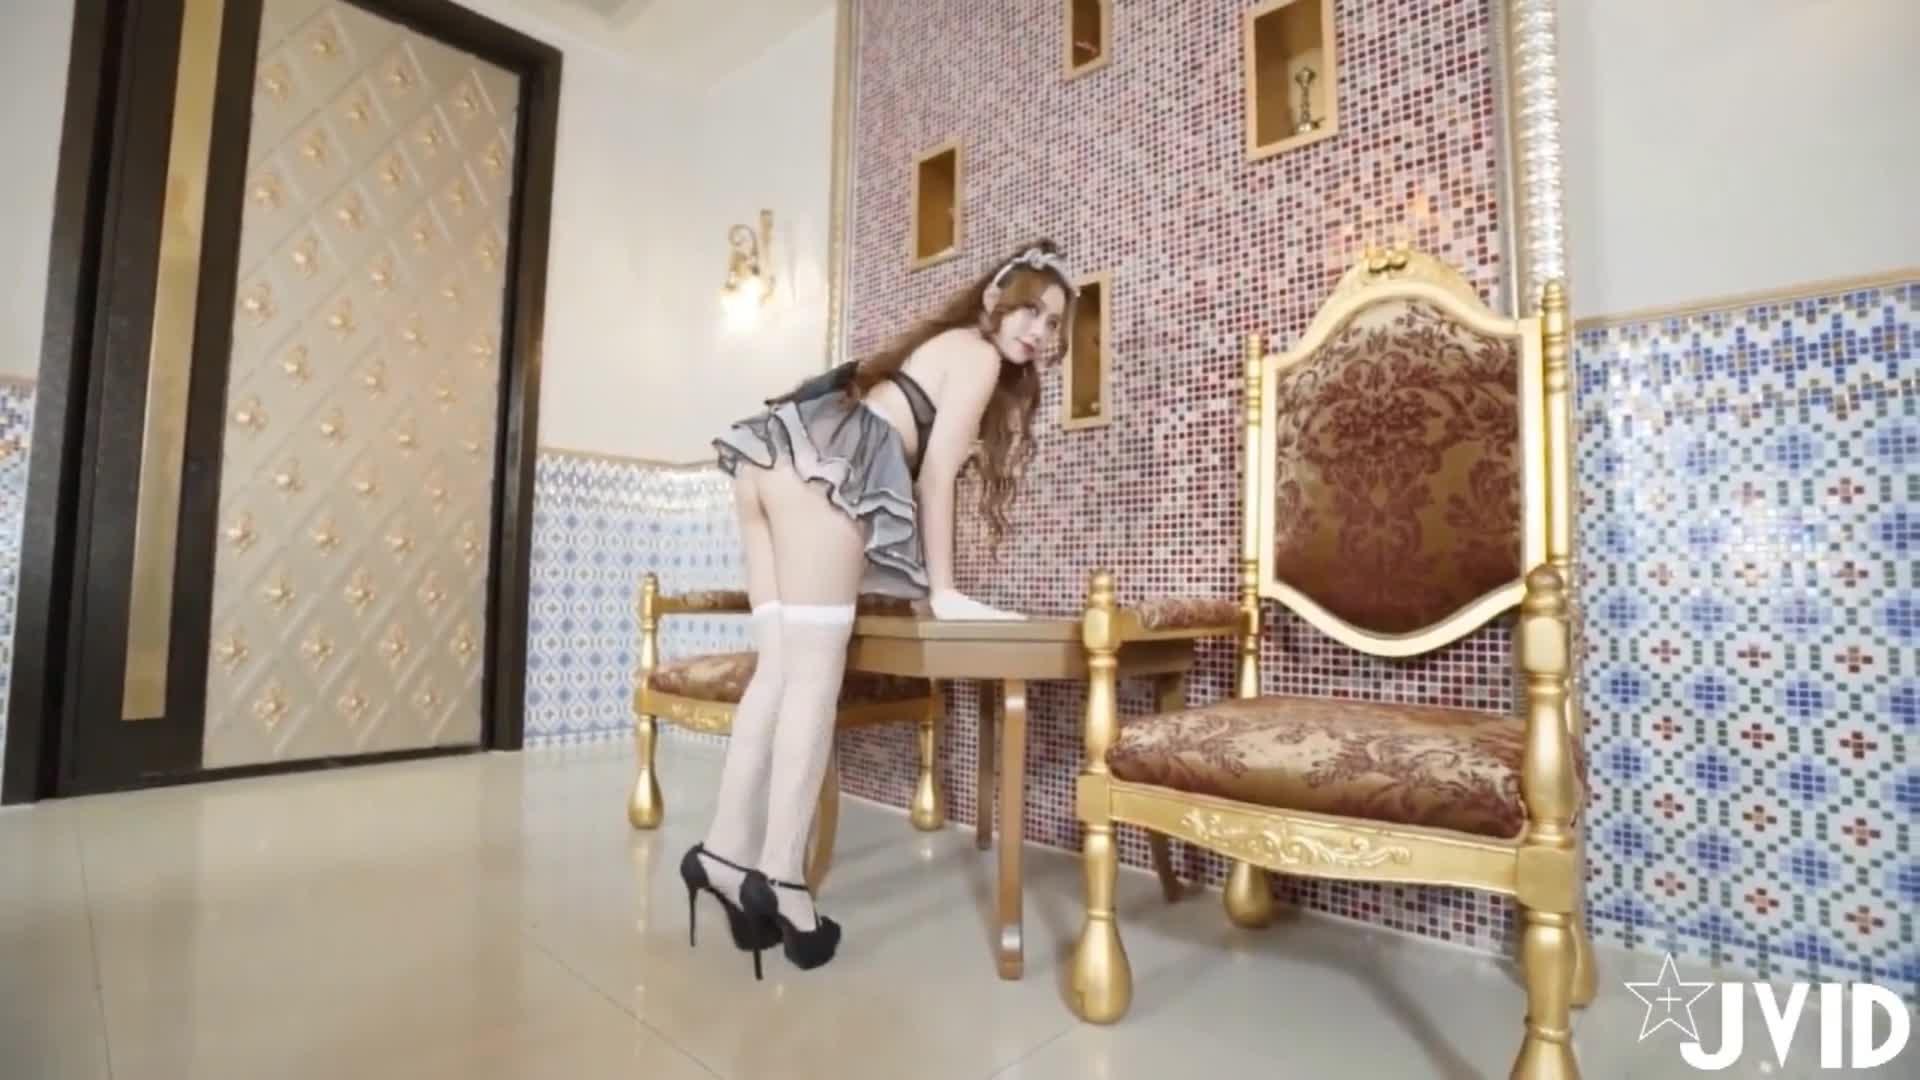 台湾Betty超靓嫩模E奶羽沫(张语欣)VIP情爱视频之性感女仆装台球案上模拟啪啪啪诱惑十足1080P原版